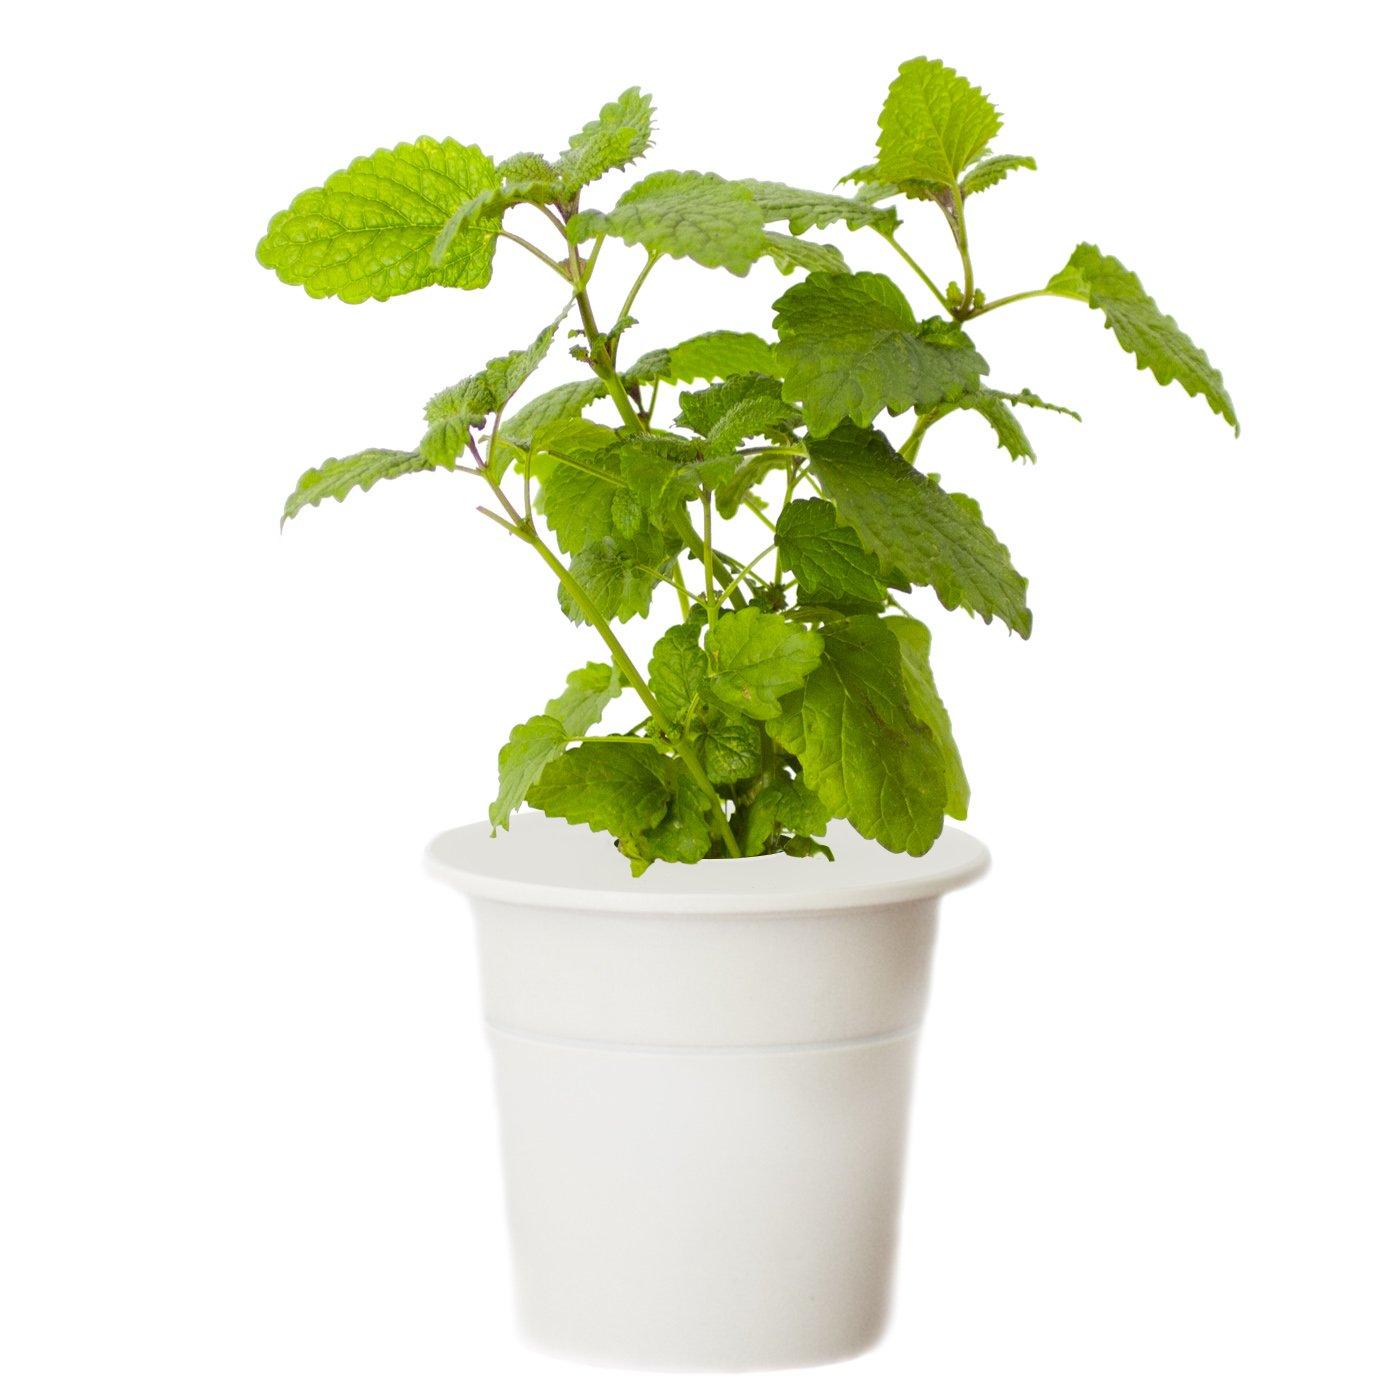 Click & Grow Smart Herb Garden Lemon Balm Refill Cartridge